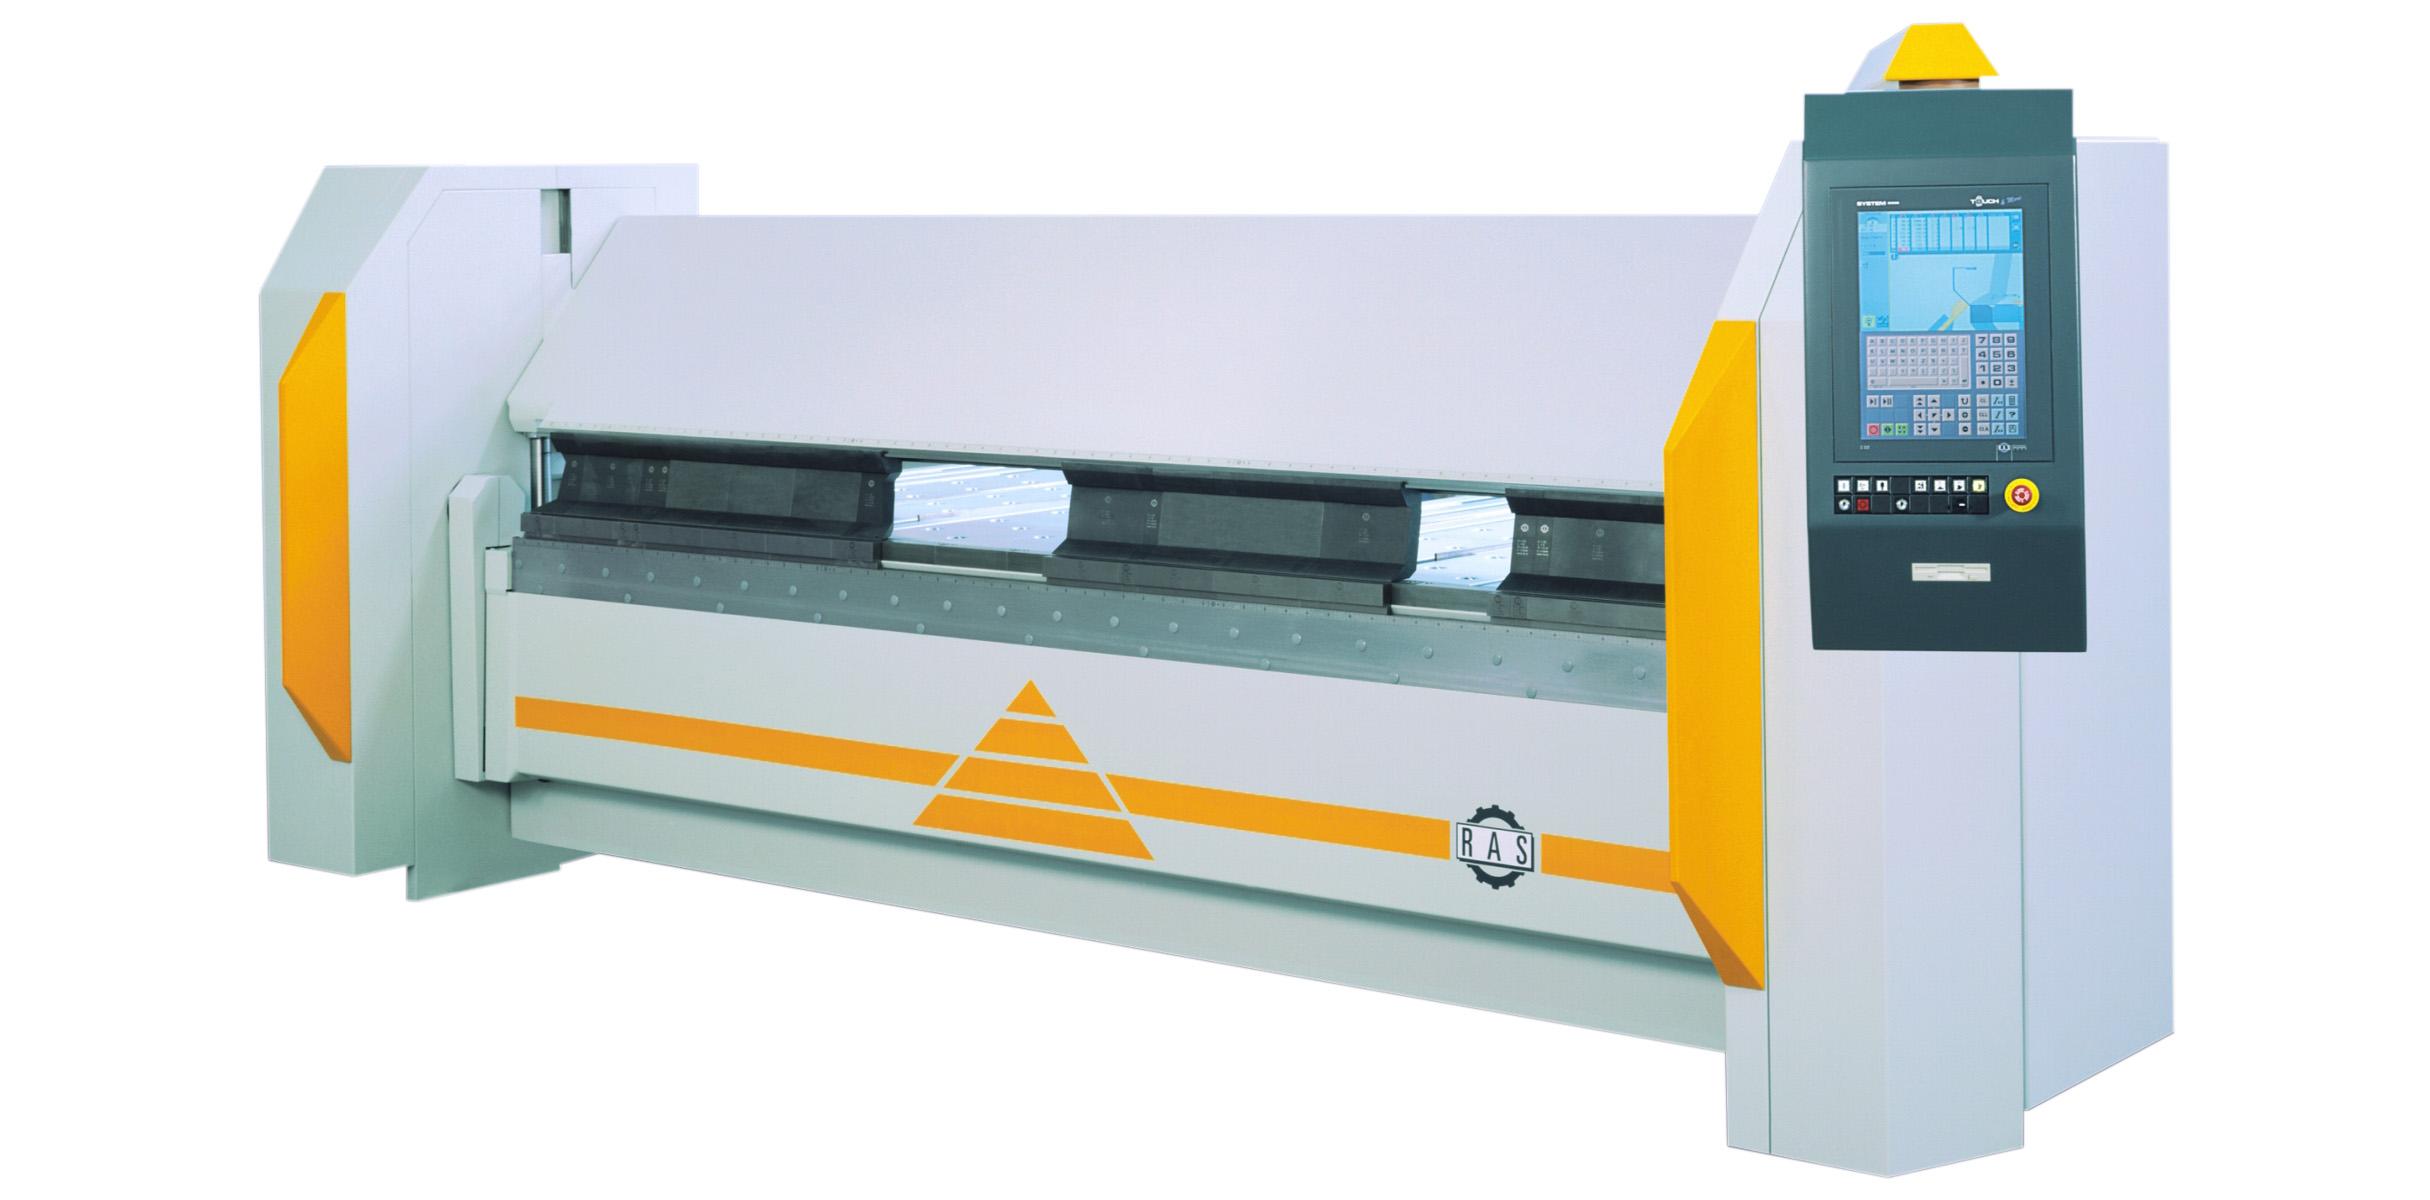 Ras Flexibend Folding Machine Sheetmetal Machinery